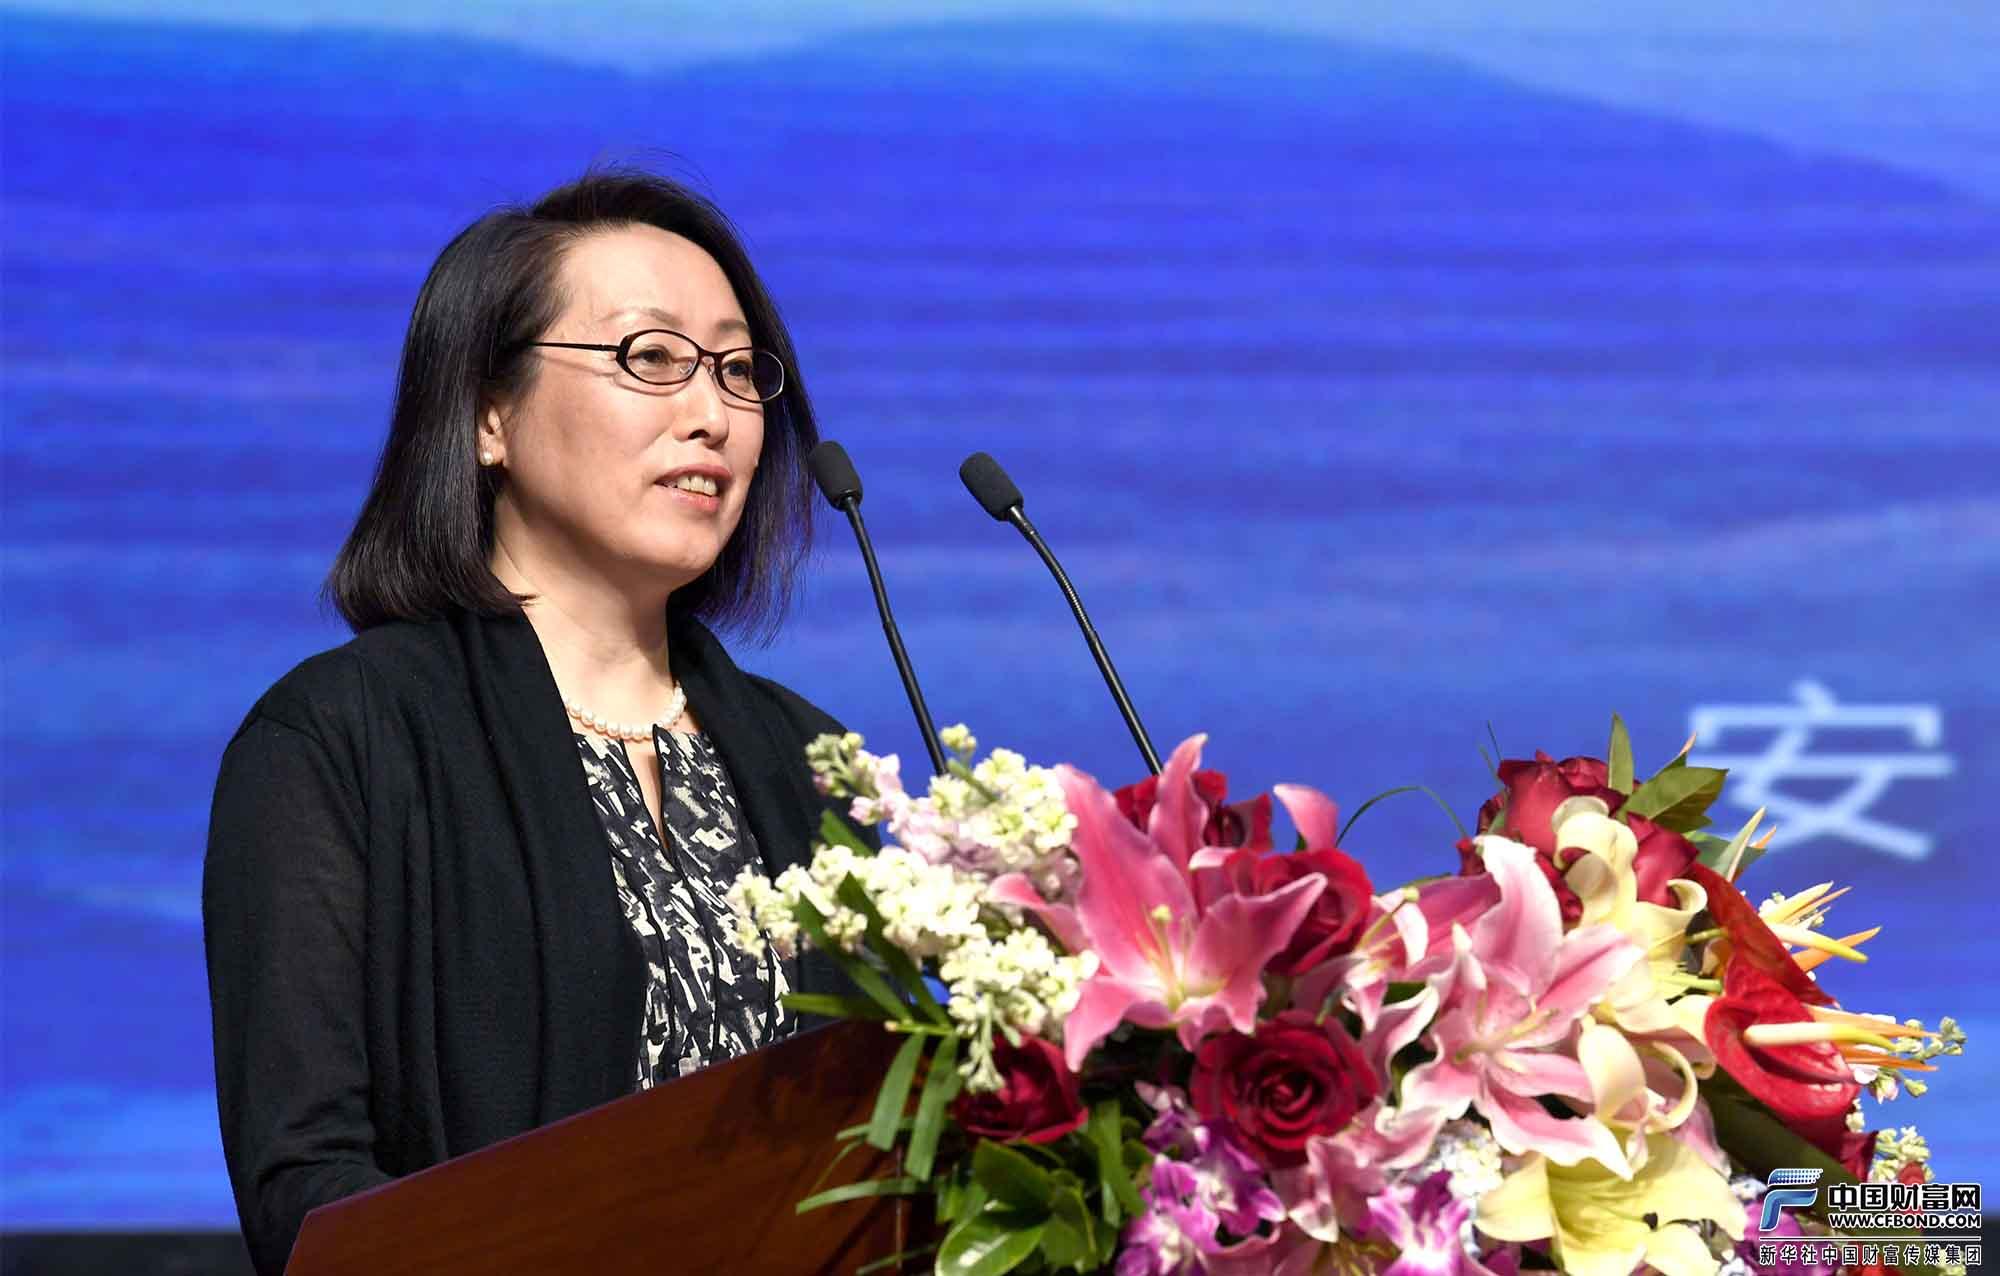 专题演讲:安徽省信用担保集团有限公司风控总监李真